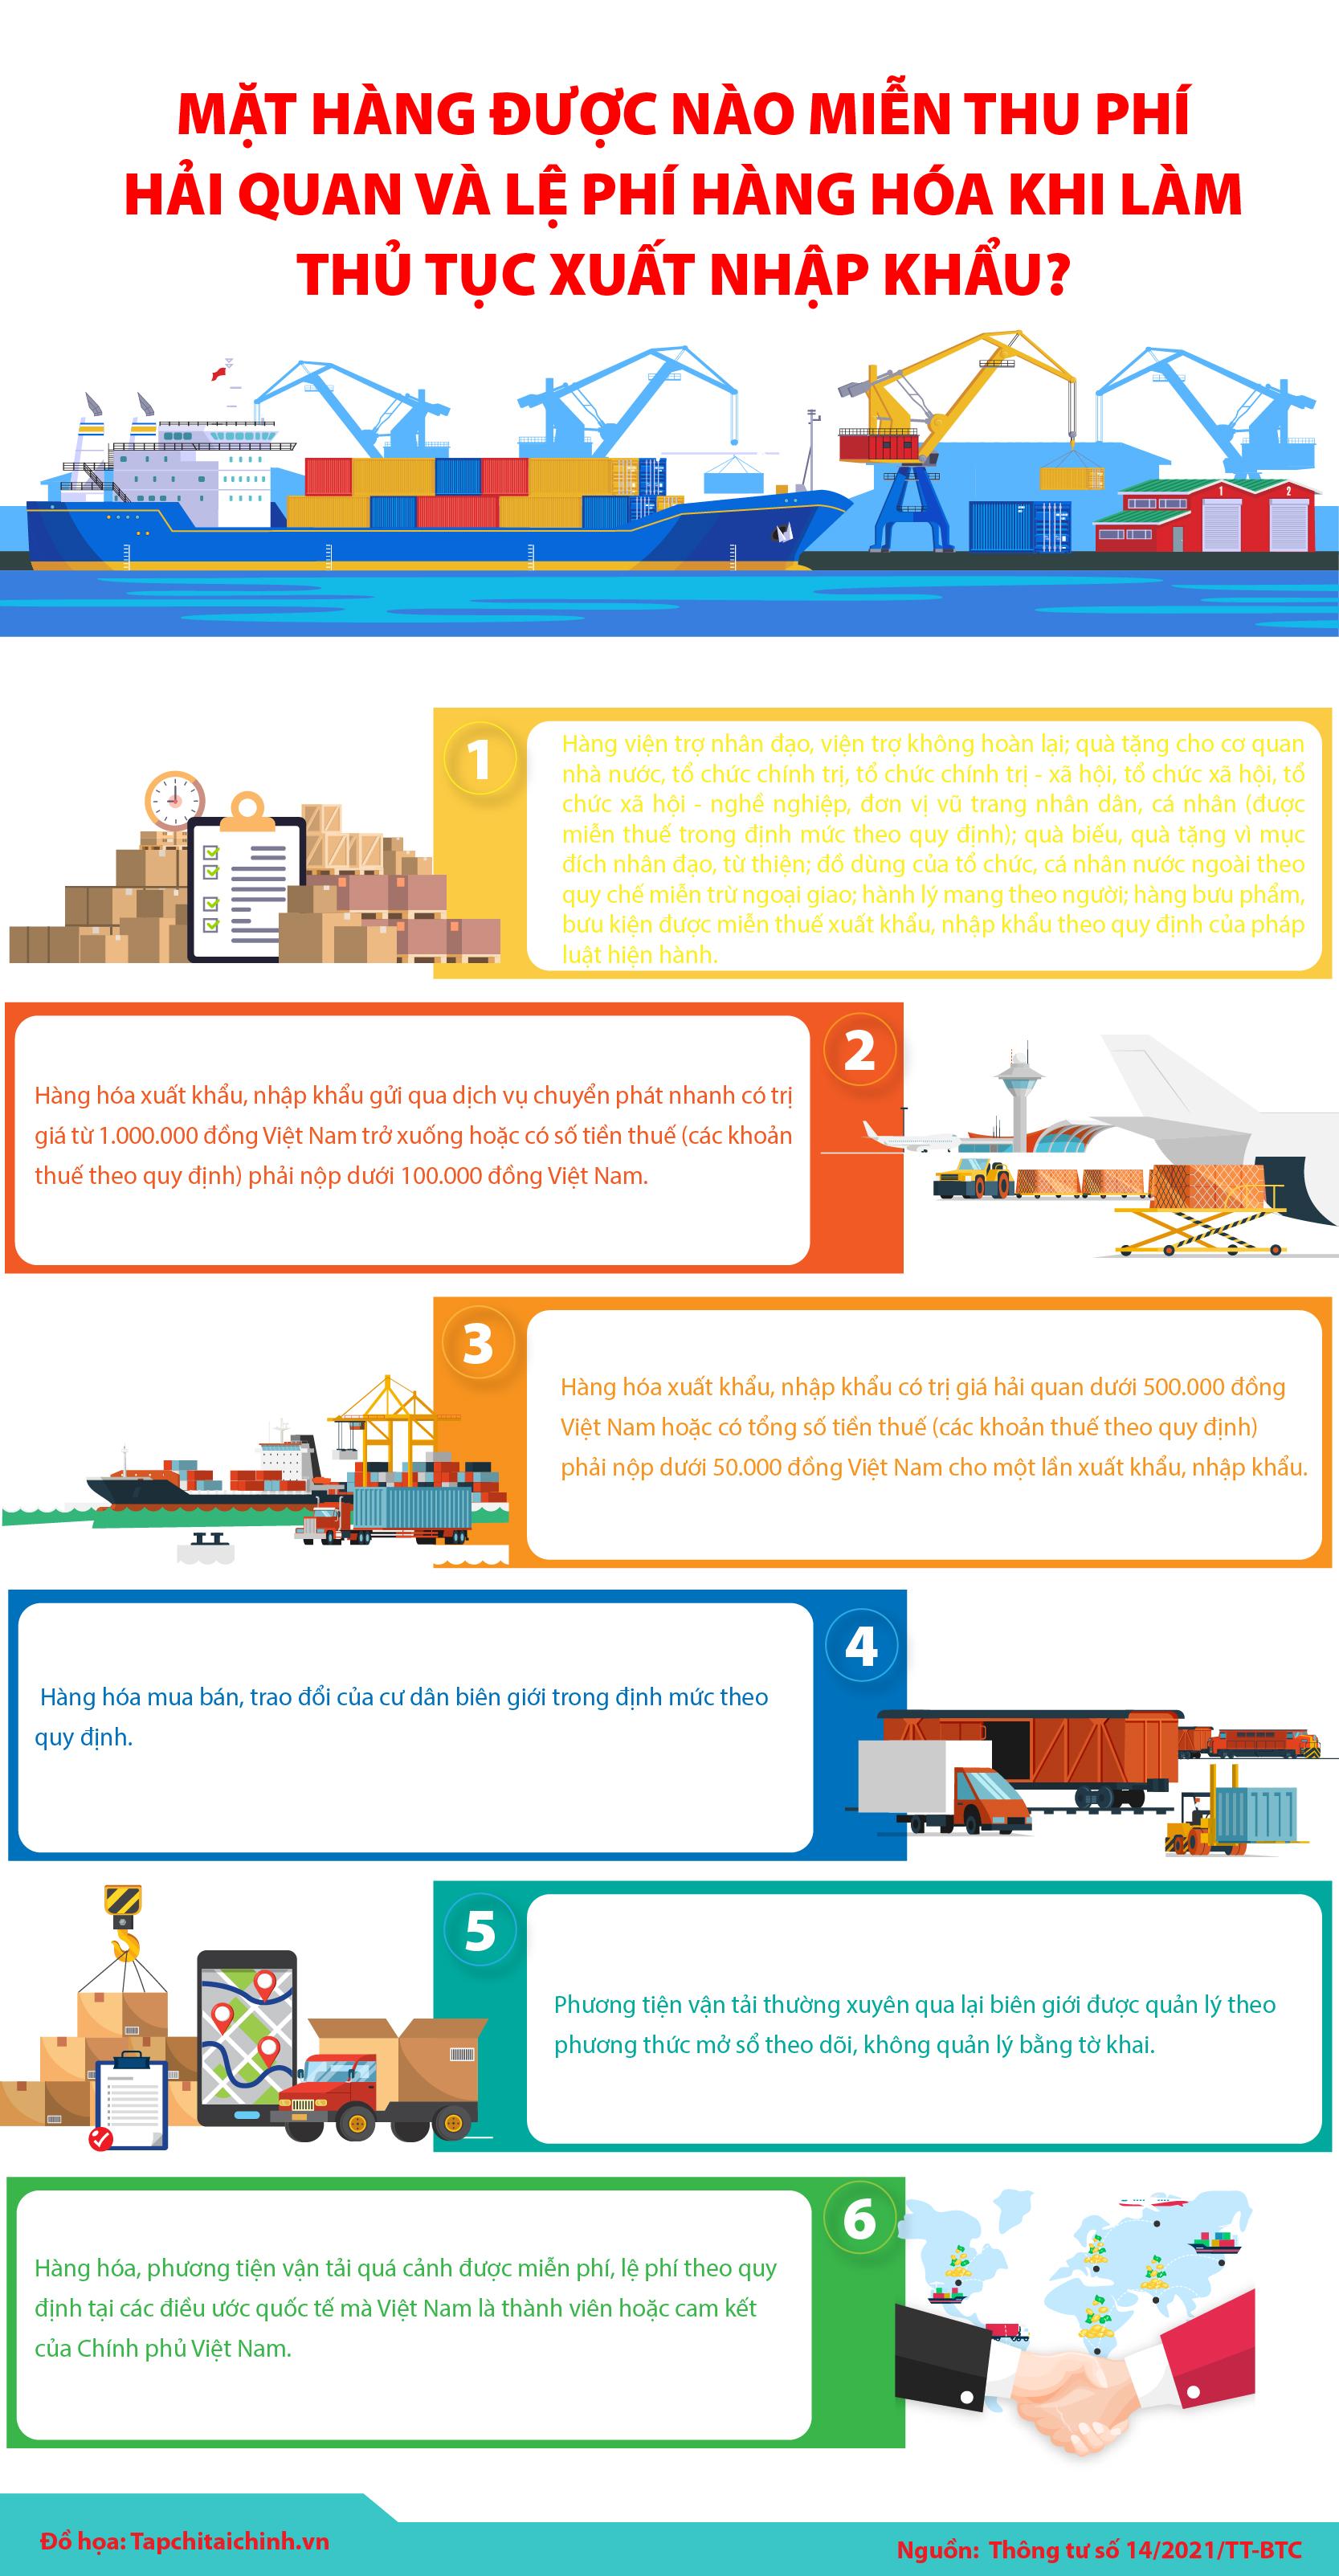 [Infographics] Mặt hàng được nào miễn thu phí hải quan và lệ phí hàng hóa khi làm thủ tục xuất nhập khẩu? - Ảnh 1